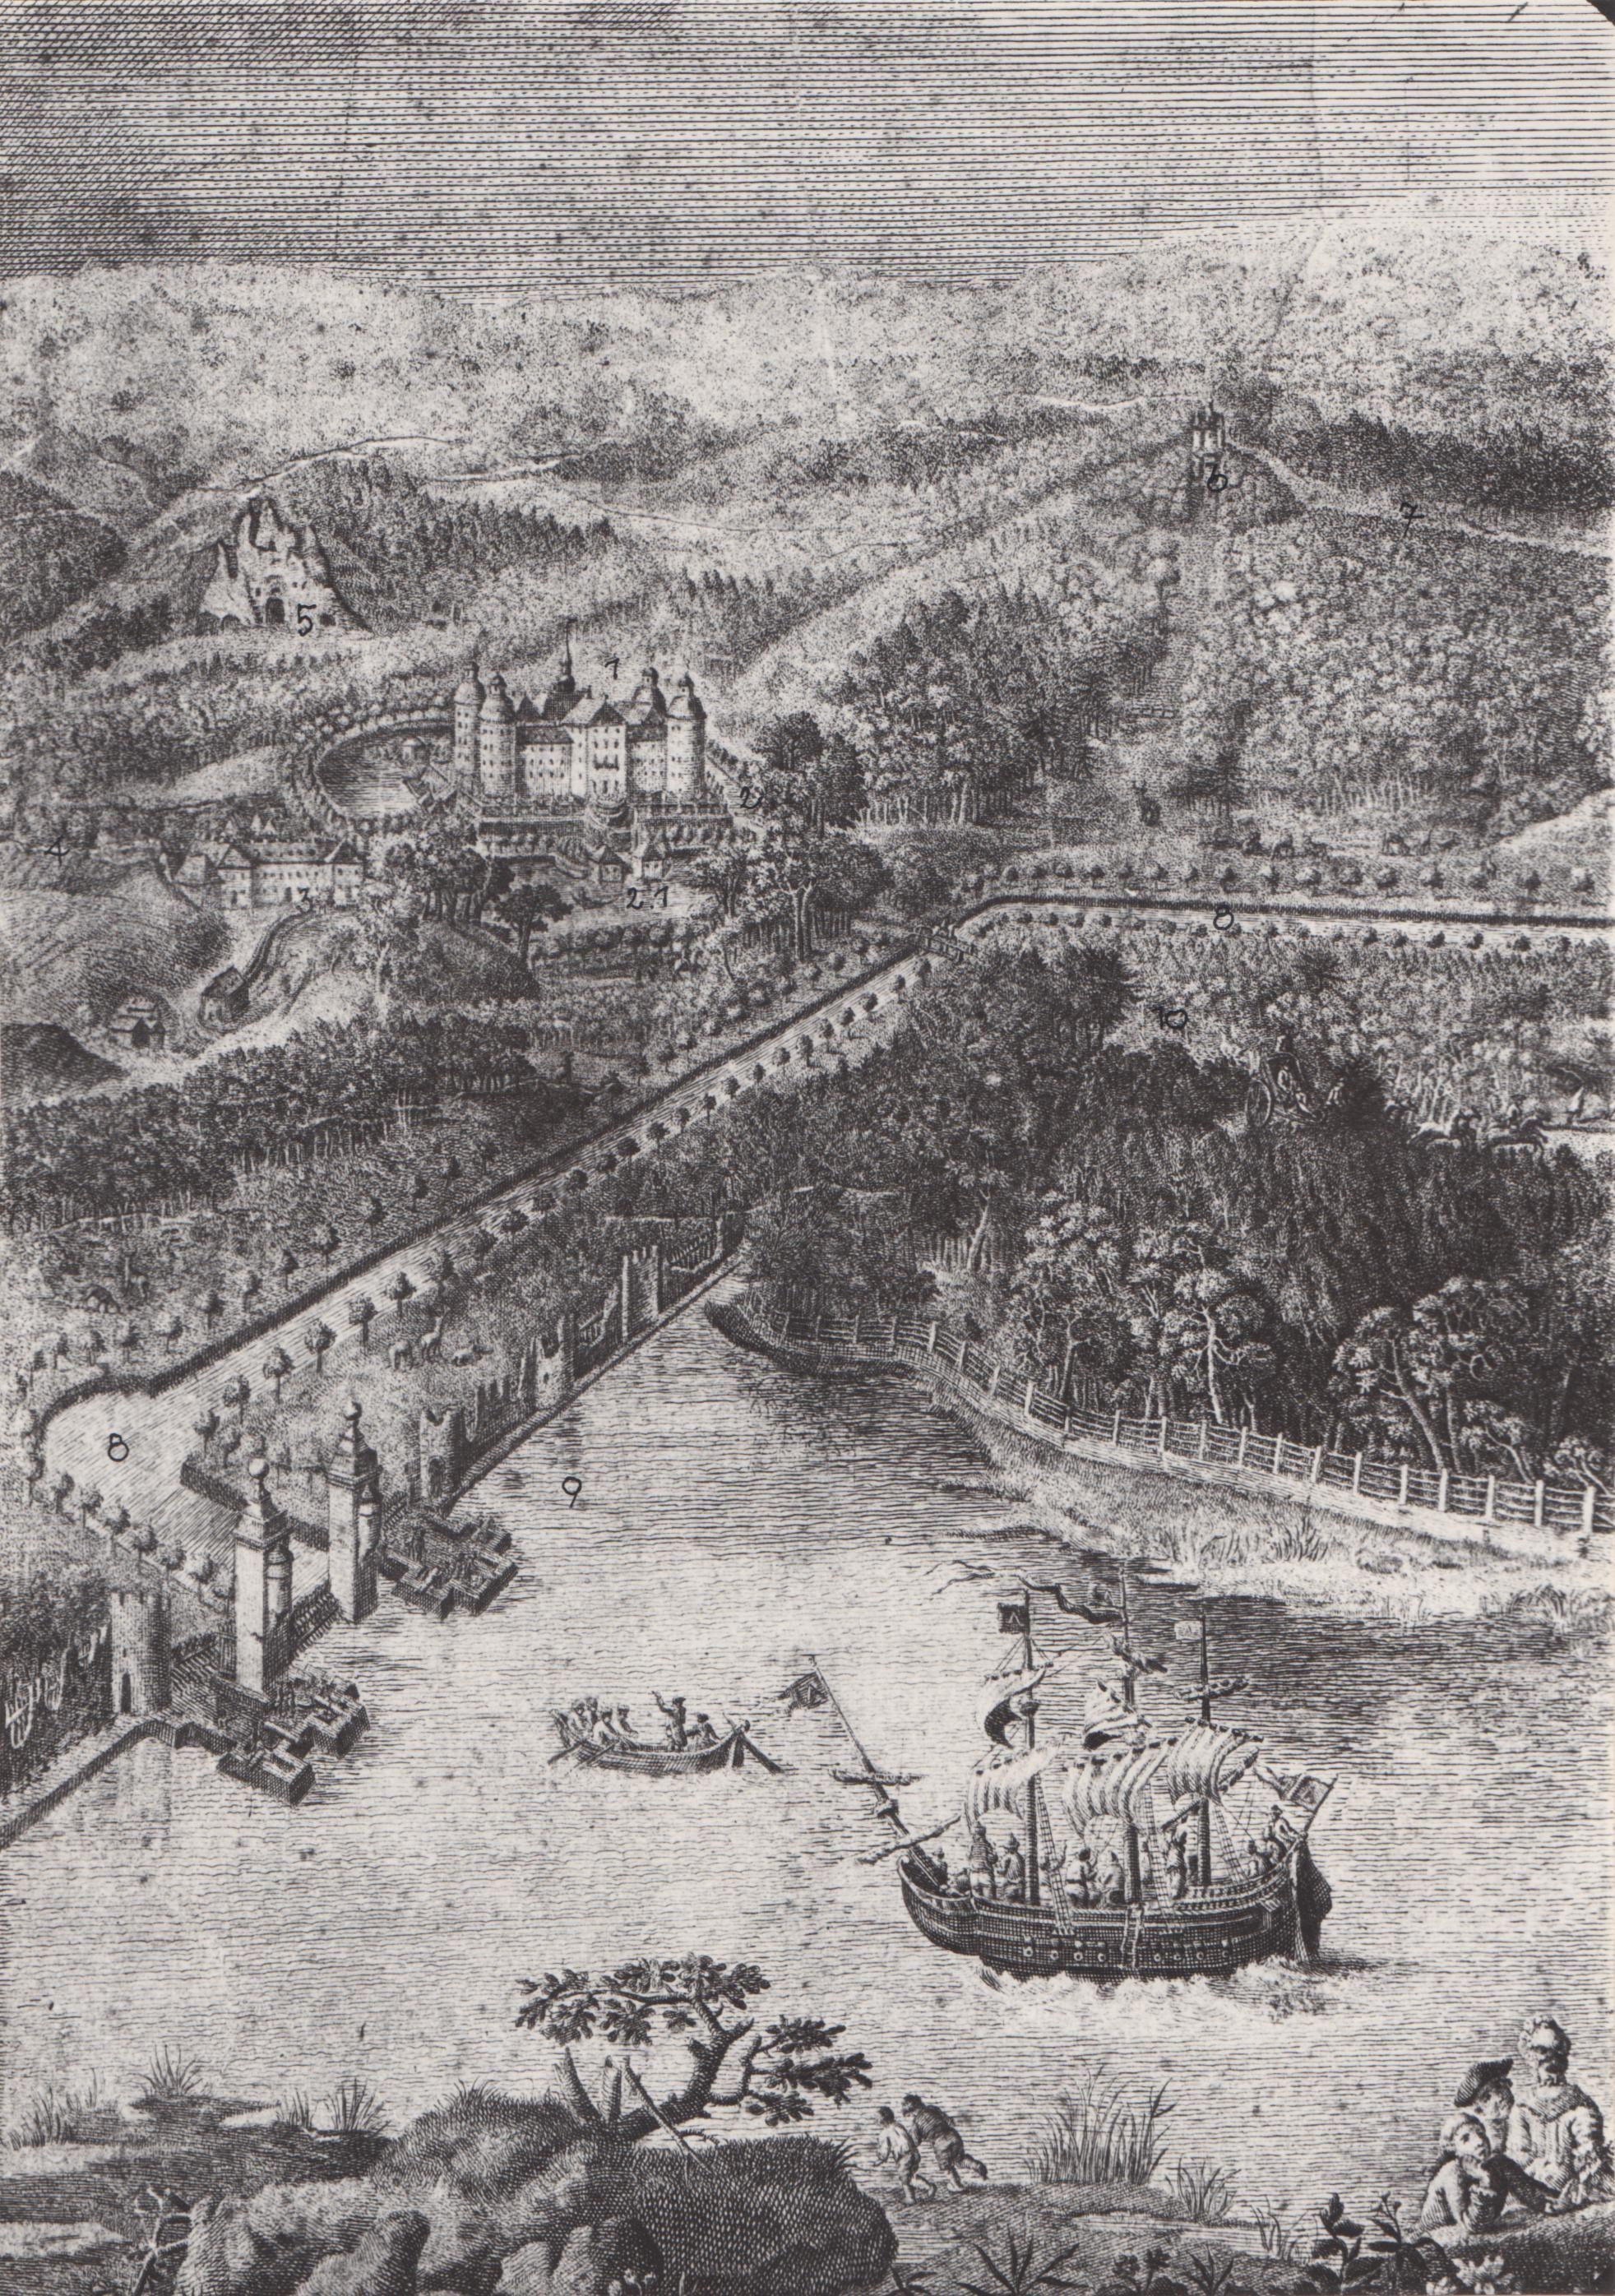 """Dardanellen und Kriegsschiff in Moritzburg, Ausschnitt aus dem Kupferstich """"Die Fasanerie zu Moritzburg"""" von J.C. Malcke um 1776 (c) Schlösserland Sachsen"""